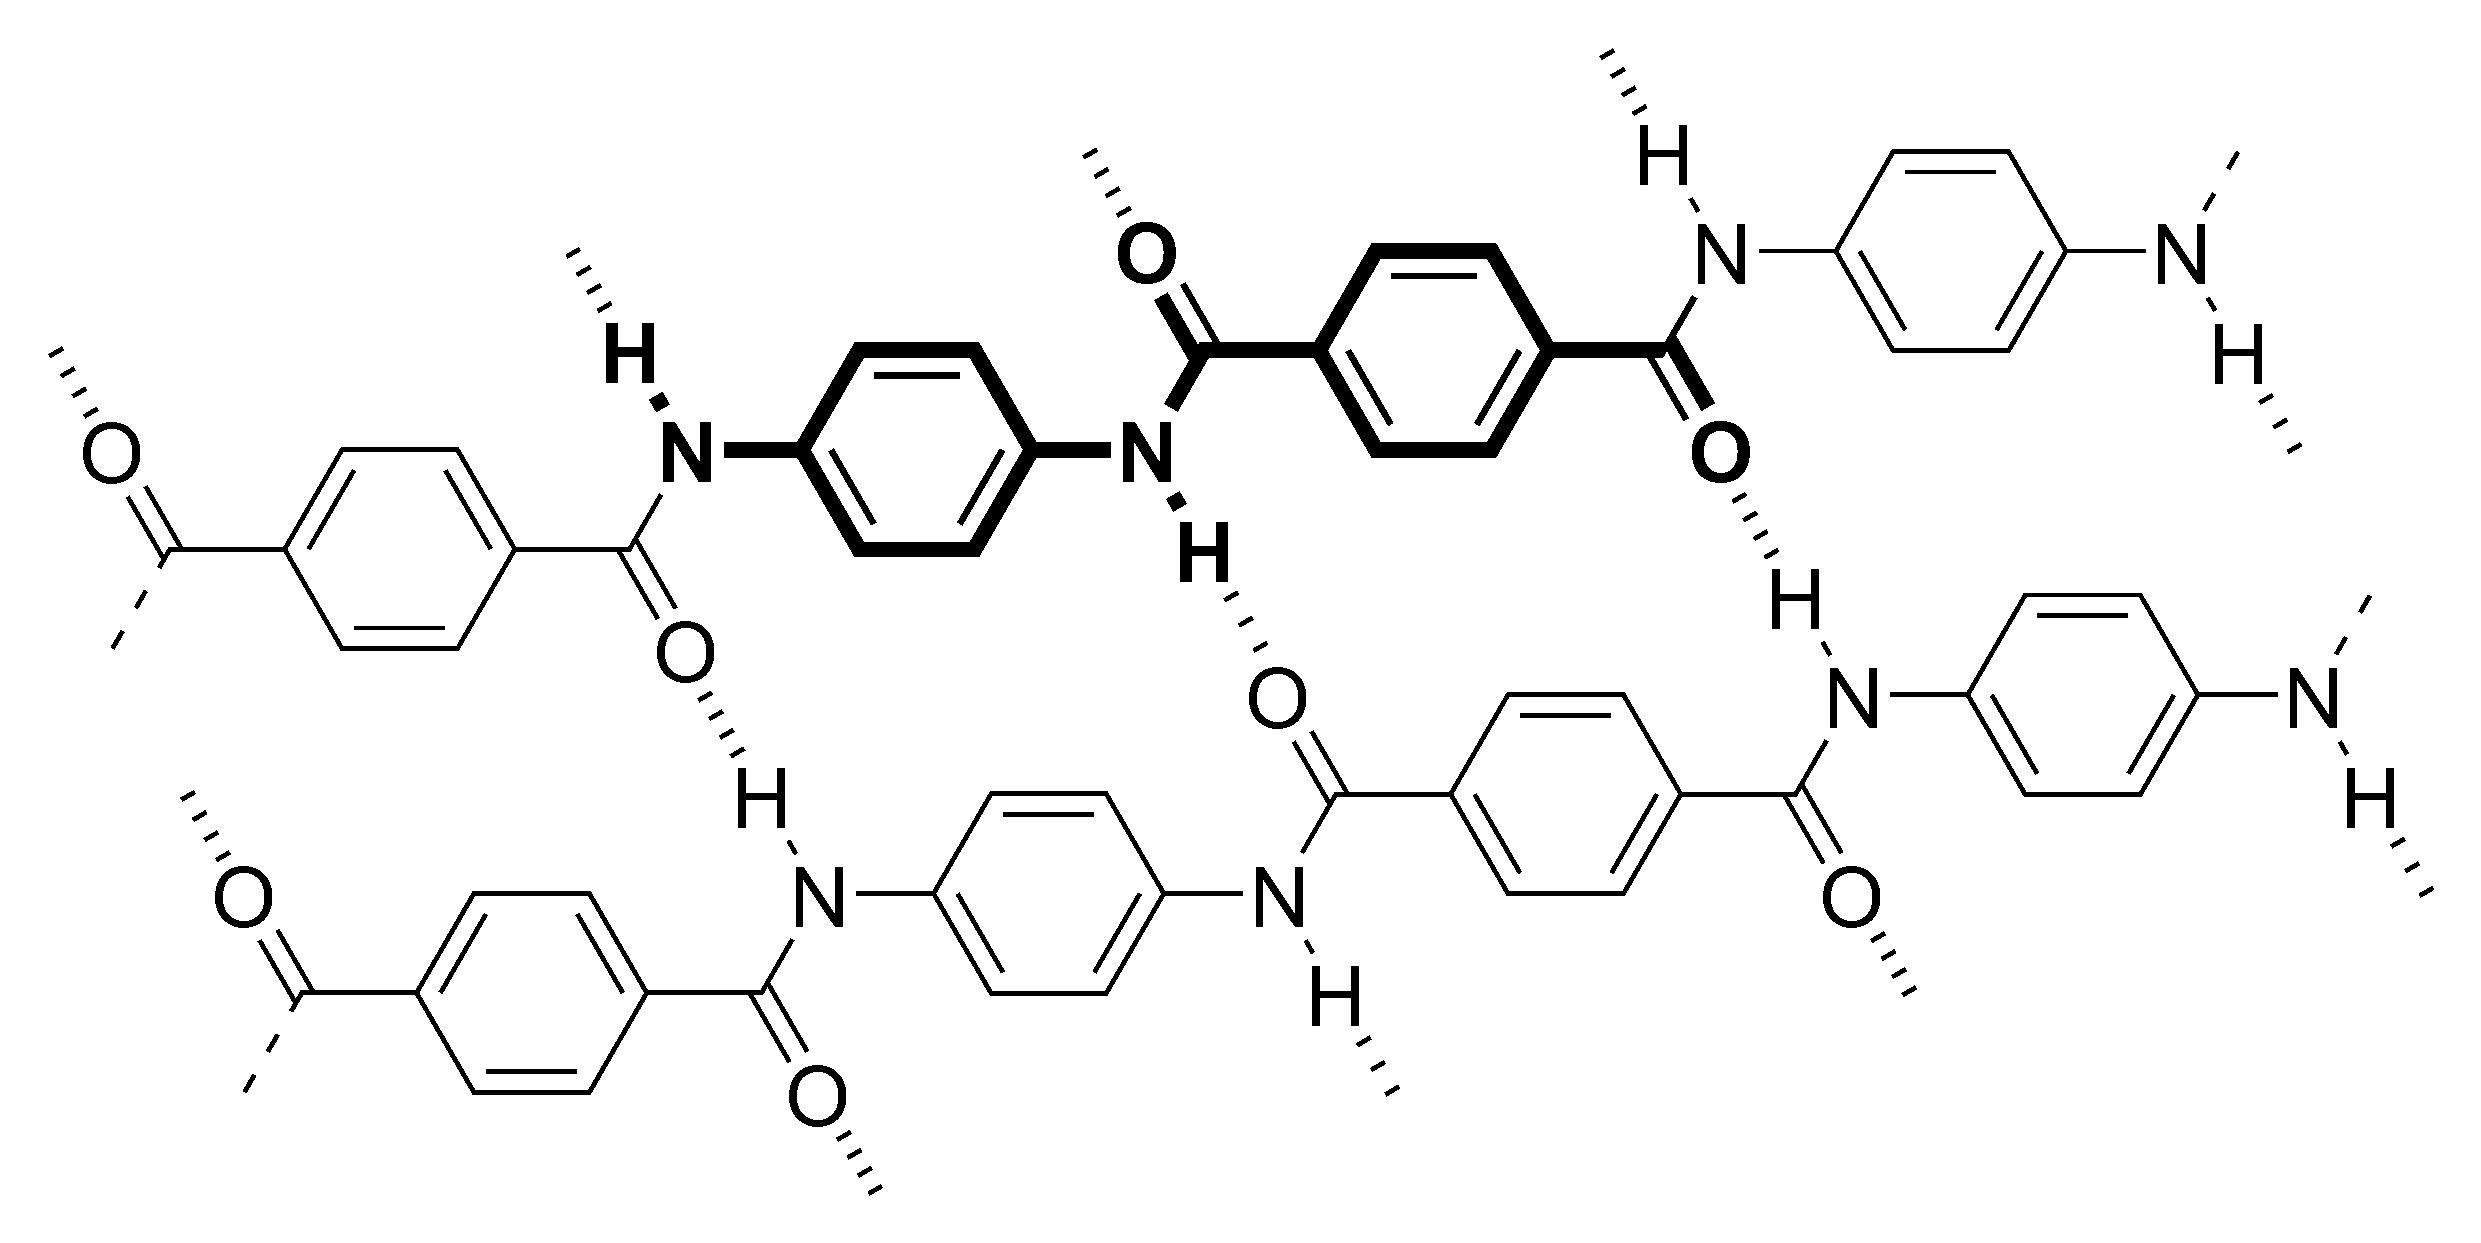 Enlaces químicos de Kevlar o poliparafenileno tereftalamida